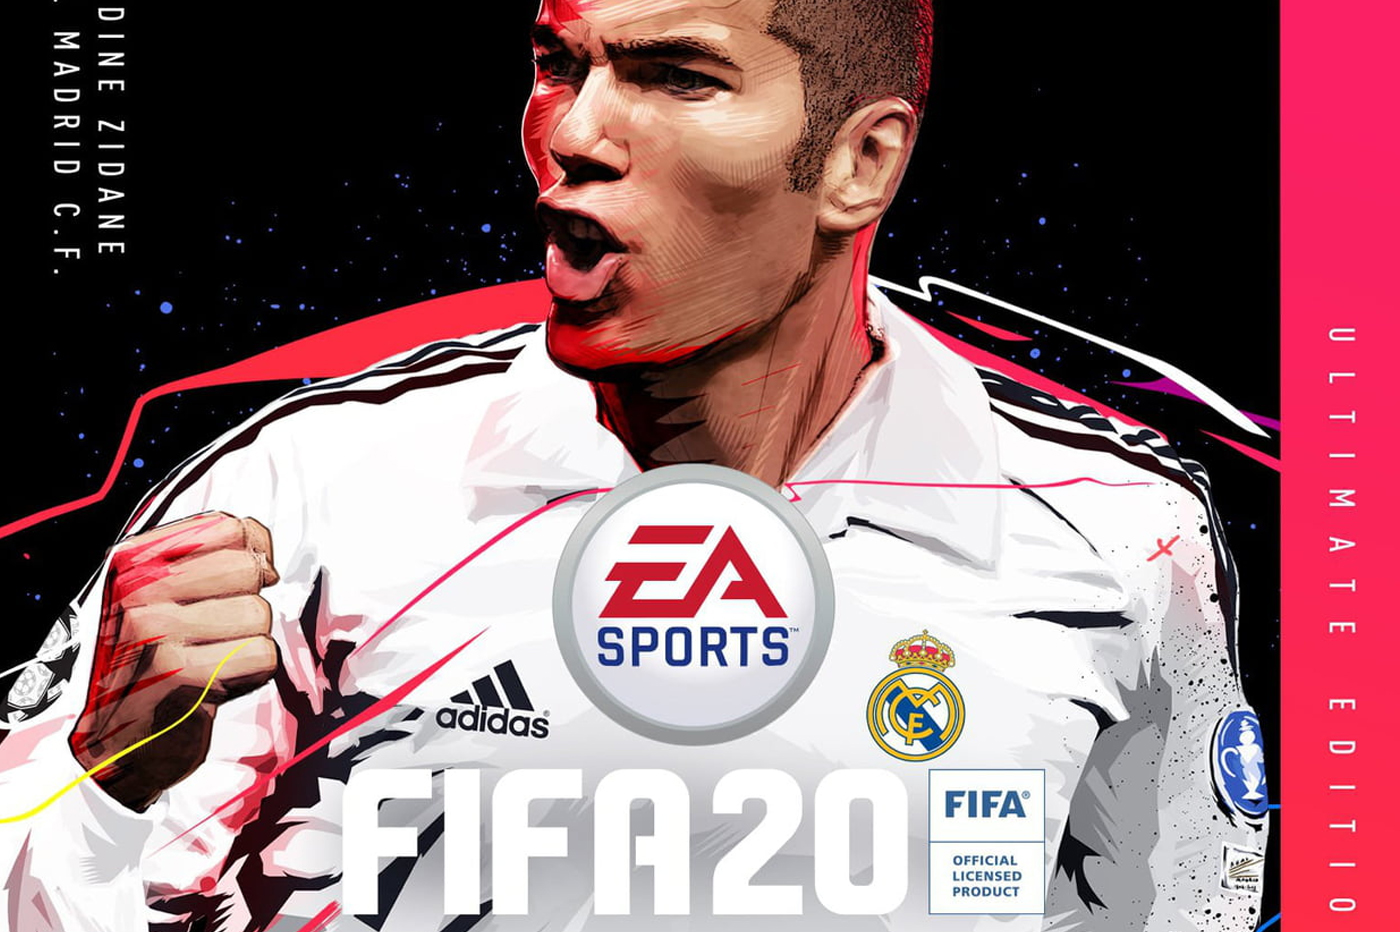 top 20 joueurs FIFA 20 liste 2019